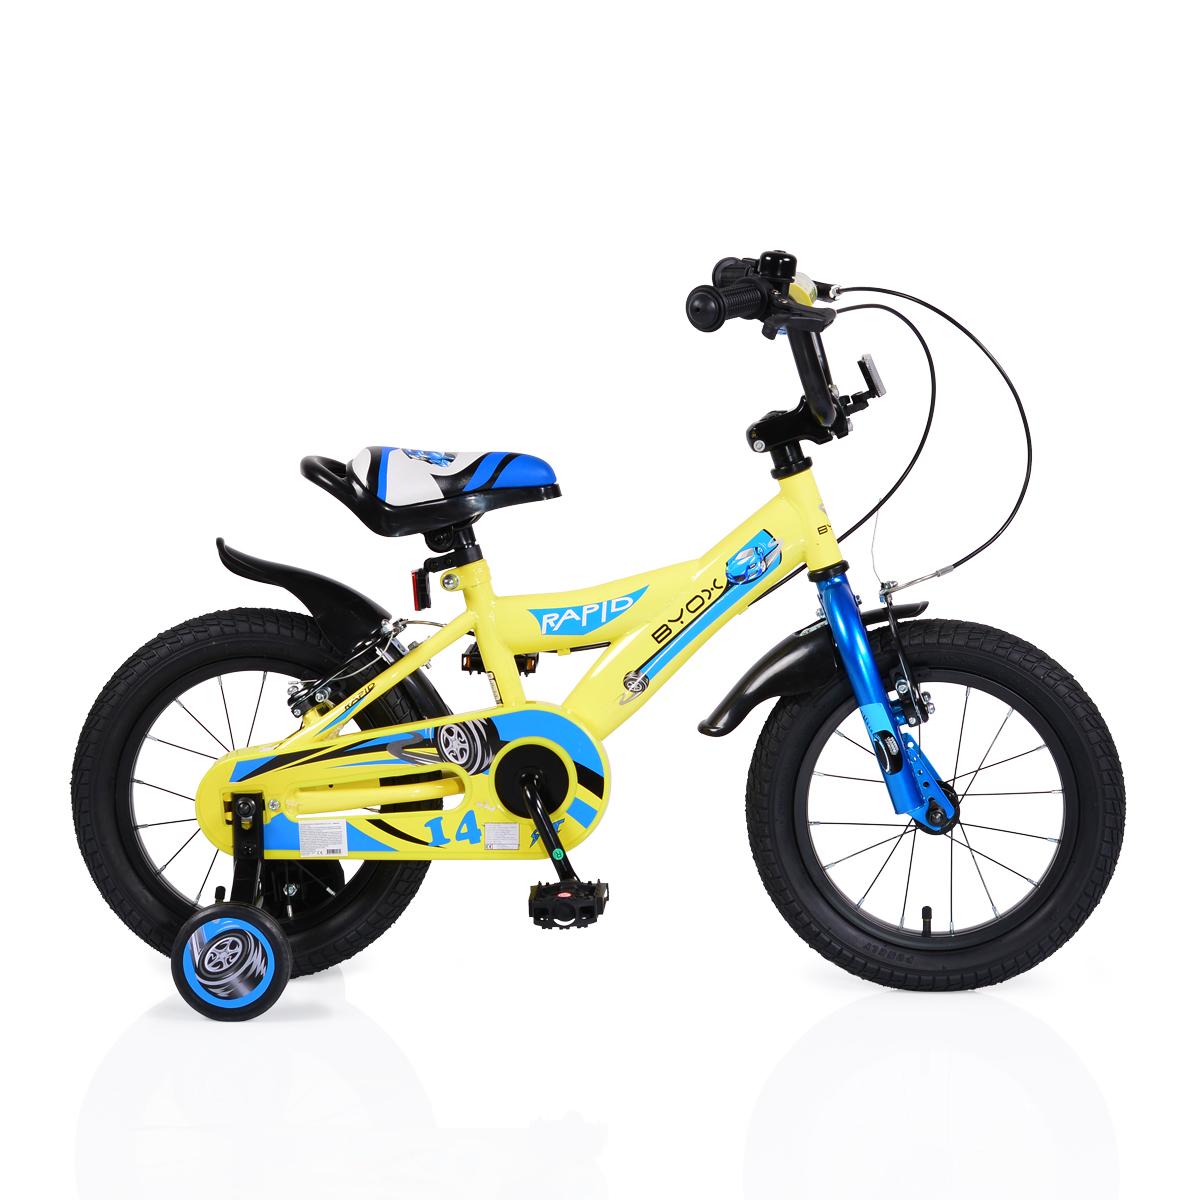 a3439d78a56 Byox детски велосипед с помощни гуми Rapid (14 инча) MONI-104507 ...